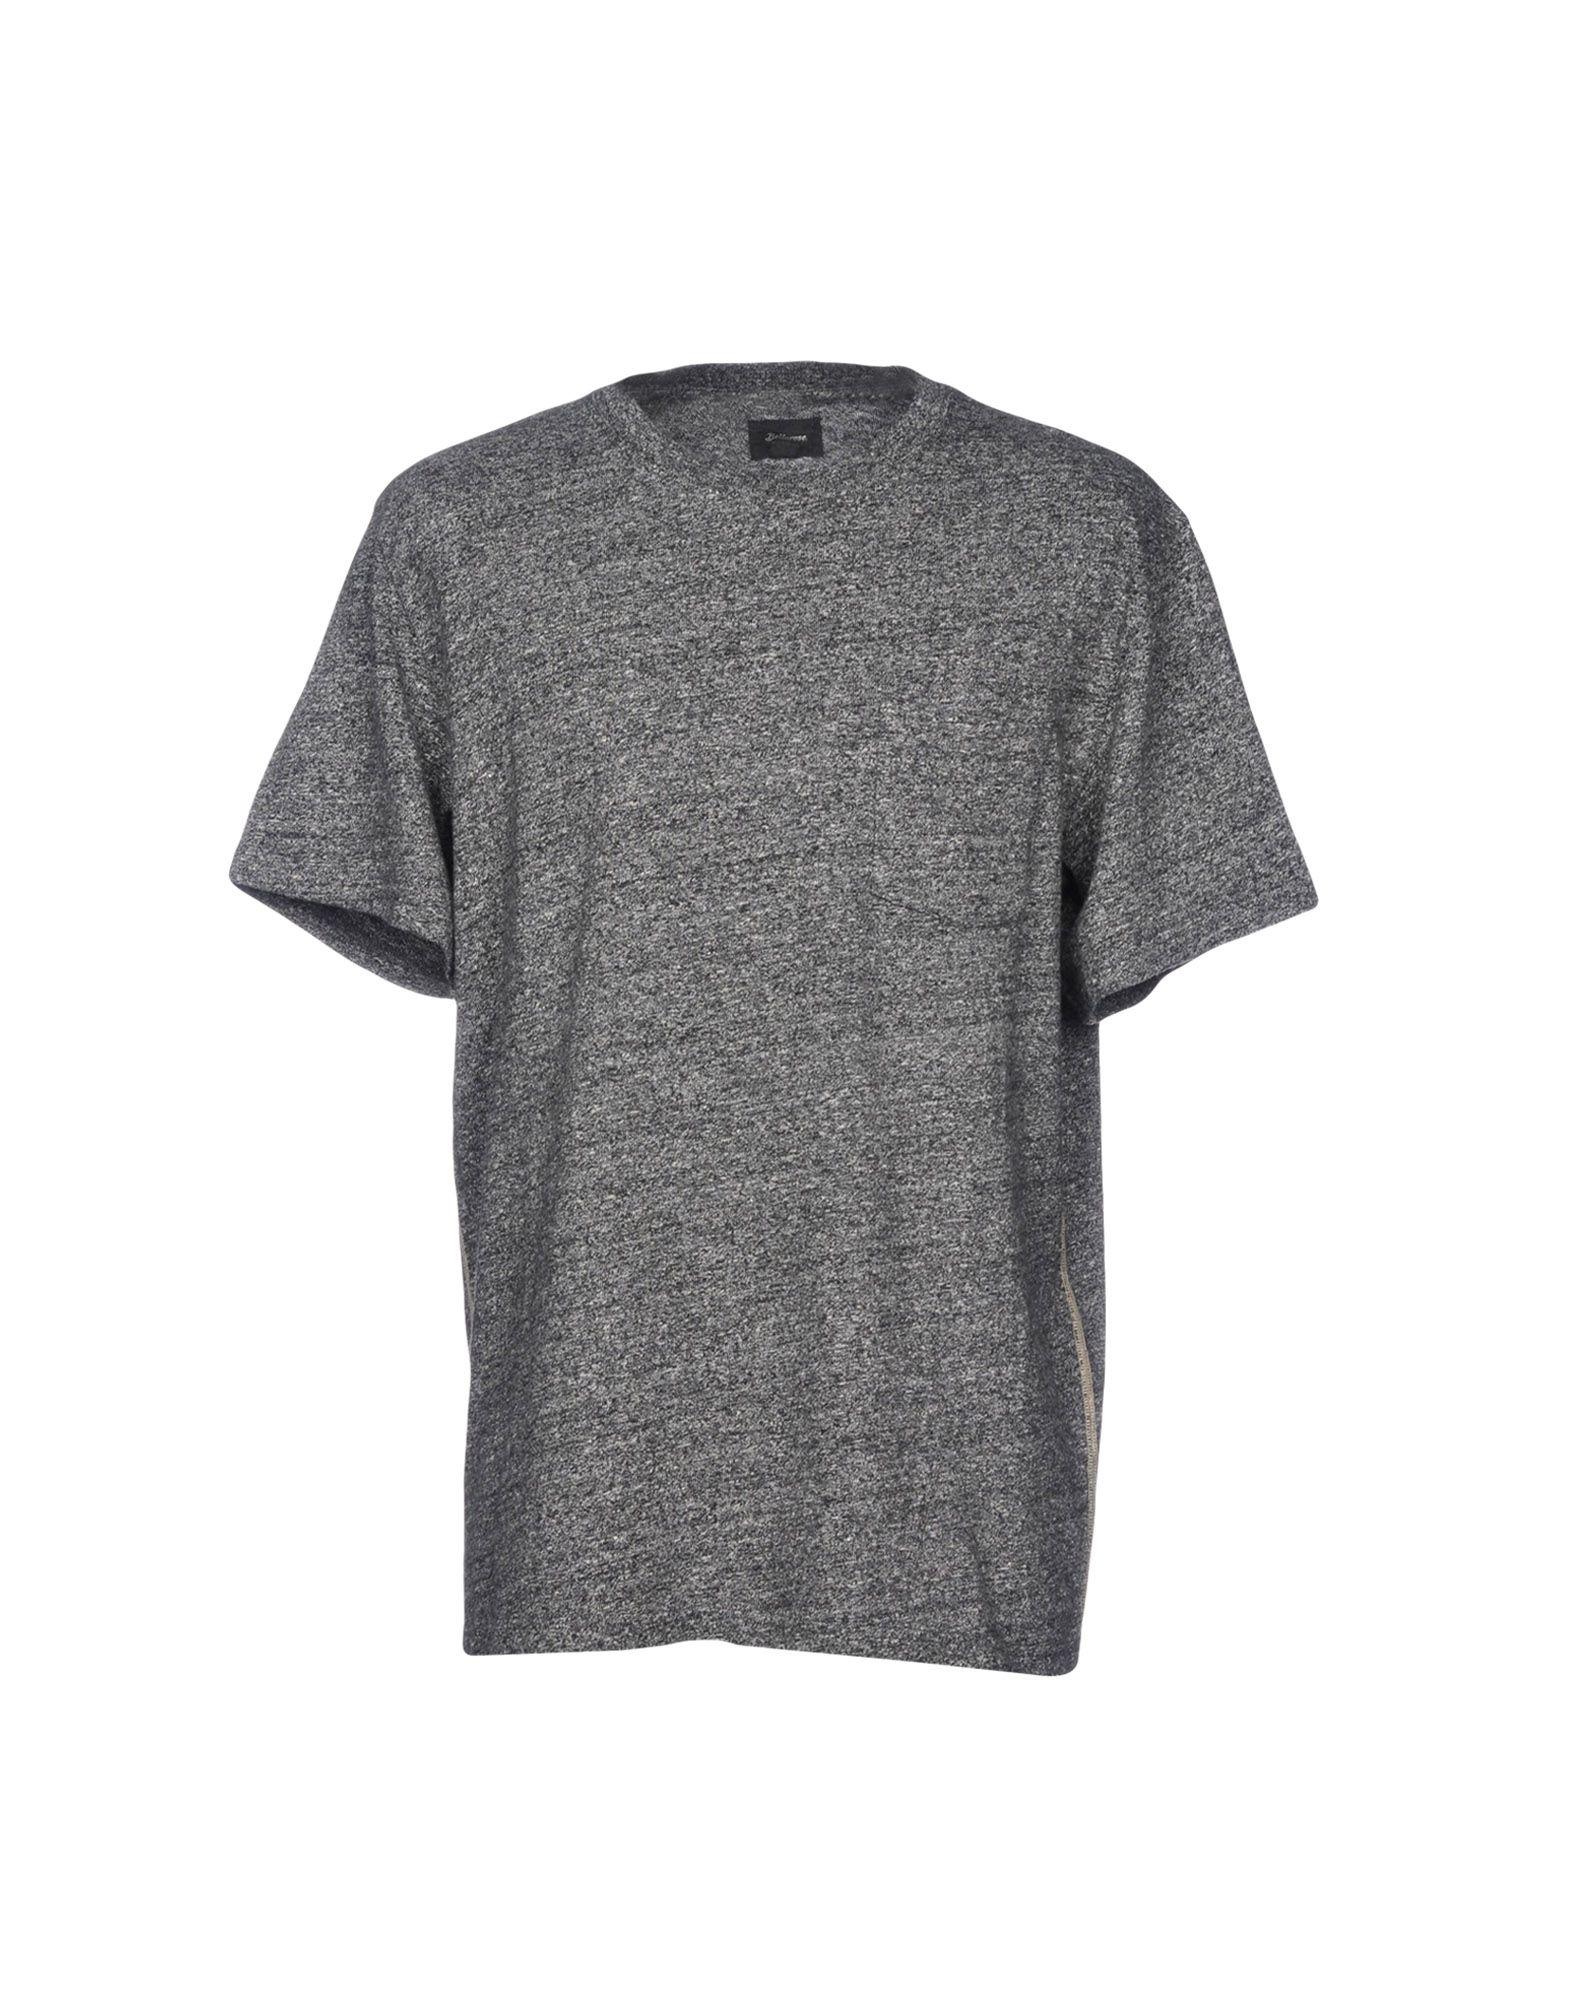 《送料無料》BELLEROSE メンズ T シャツ グレー XL コットン 100%